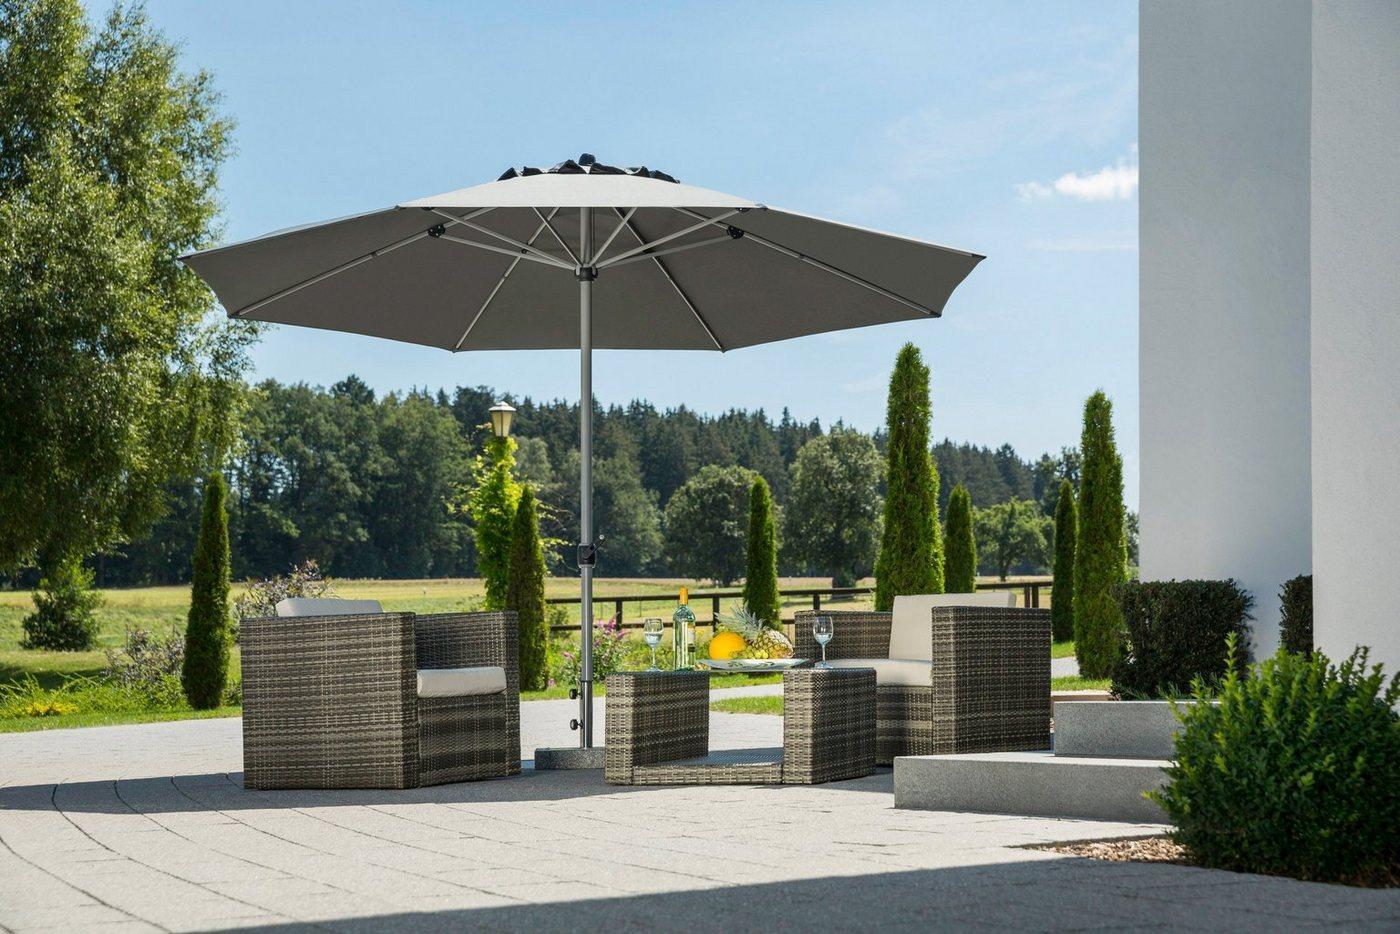 Schneider Schirme Sonnenschirm »Gemini«, LxB: 360x360 cm, ohne Schirmständer, grau